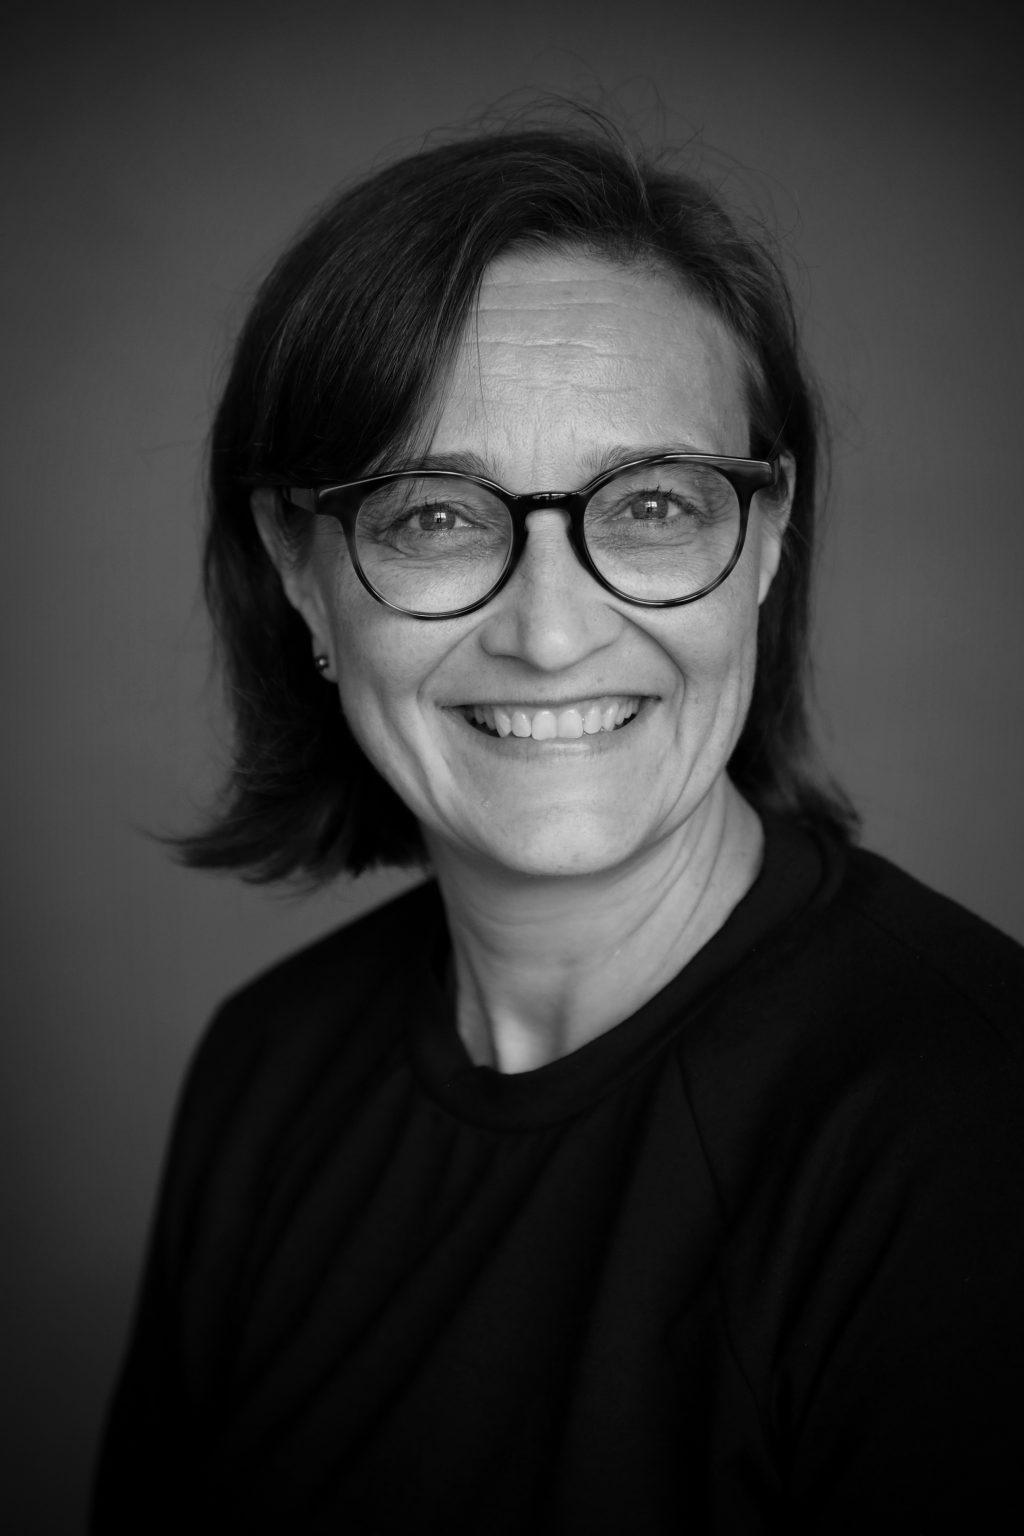 ohjaaja-koreografi (vier.) Sonja Pakalén